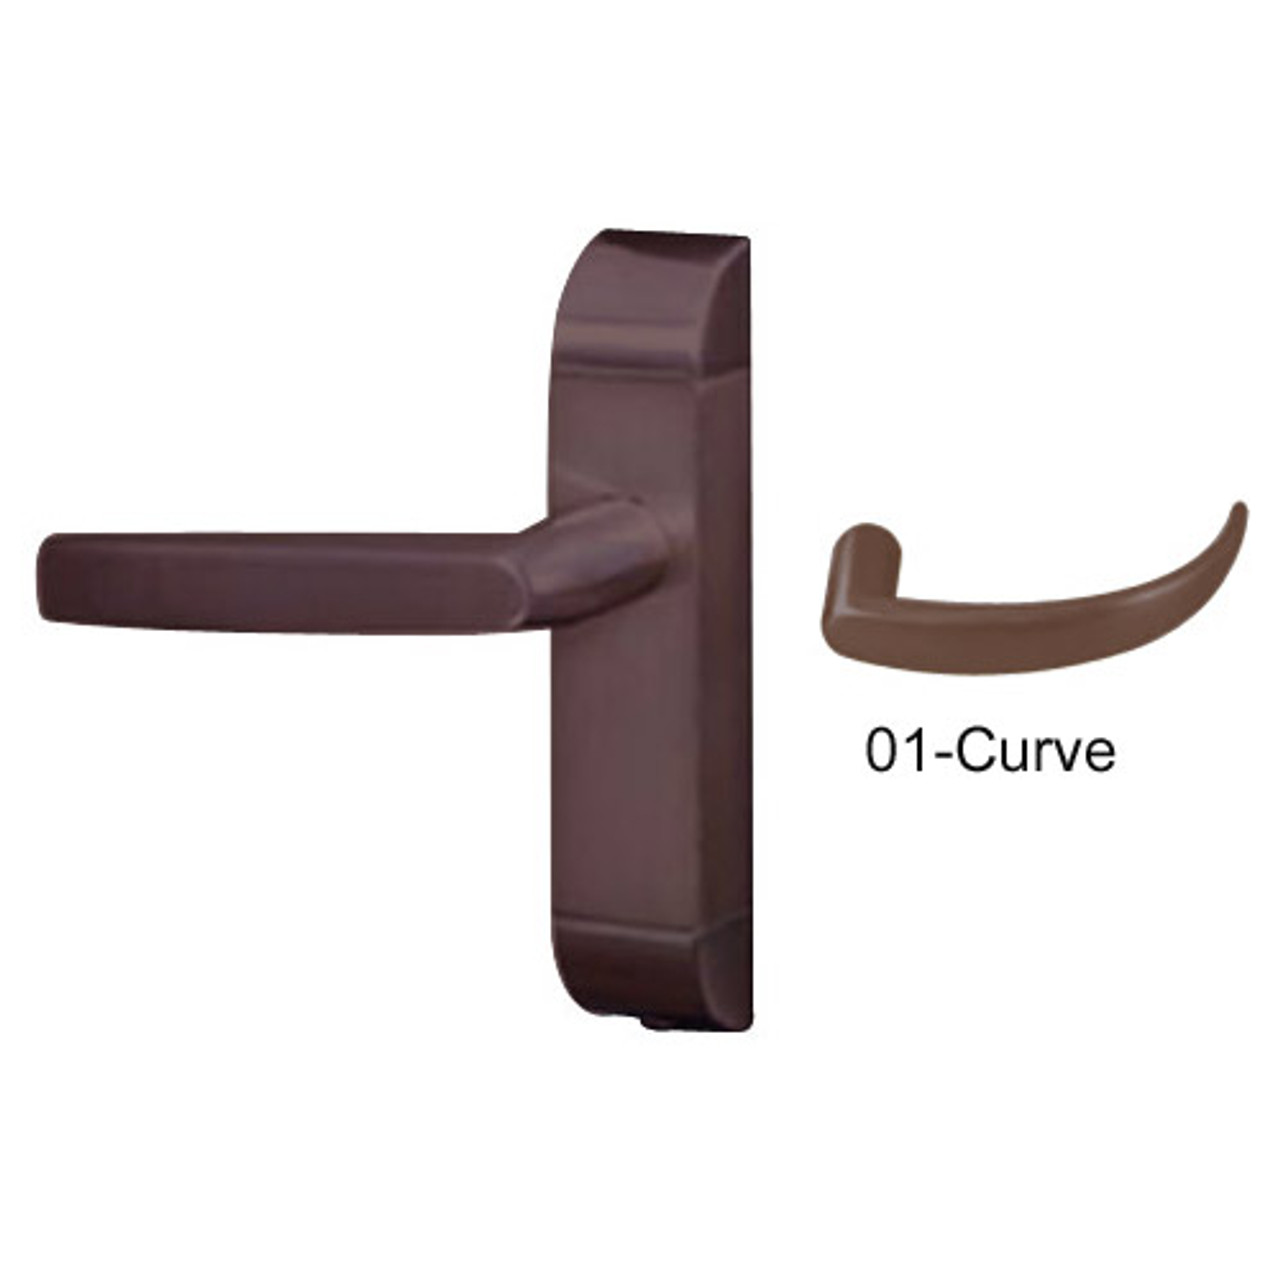 4600-01-531-US10B Adams Rite Heavy Duty Curve Deadlatch Handles in Oil Rubbed Bronze Finish